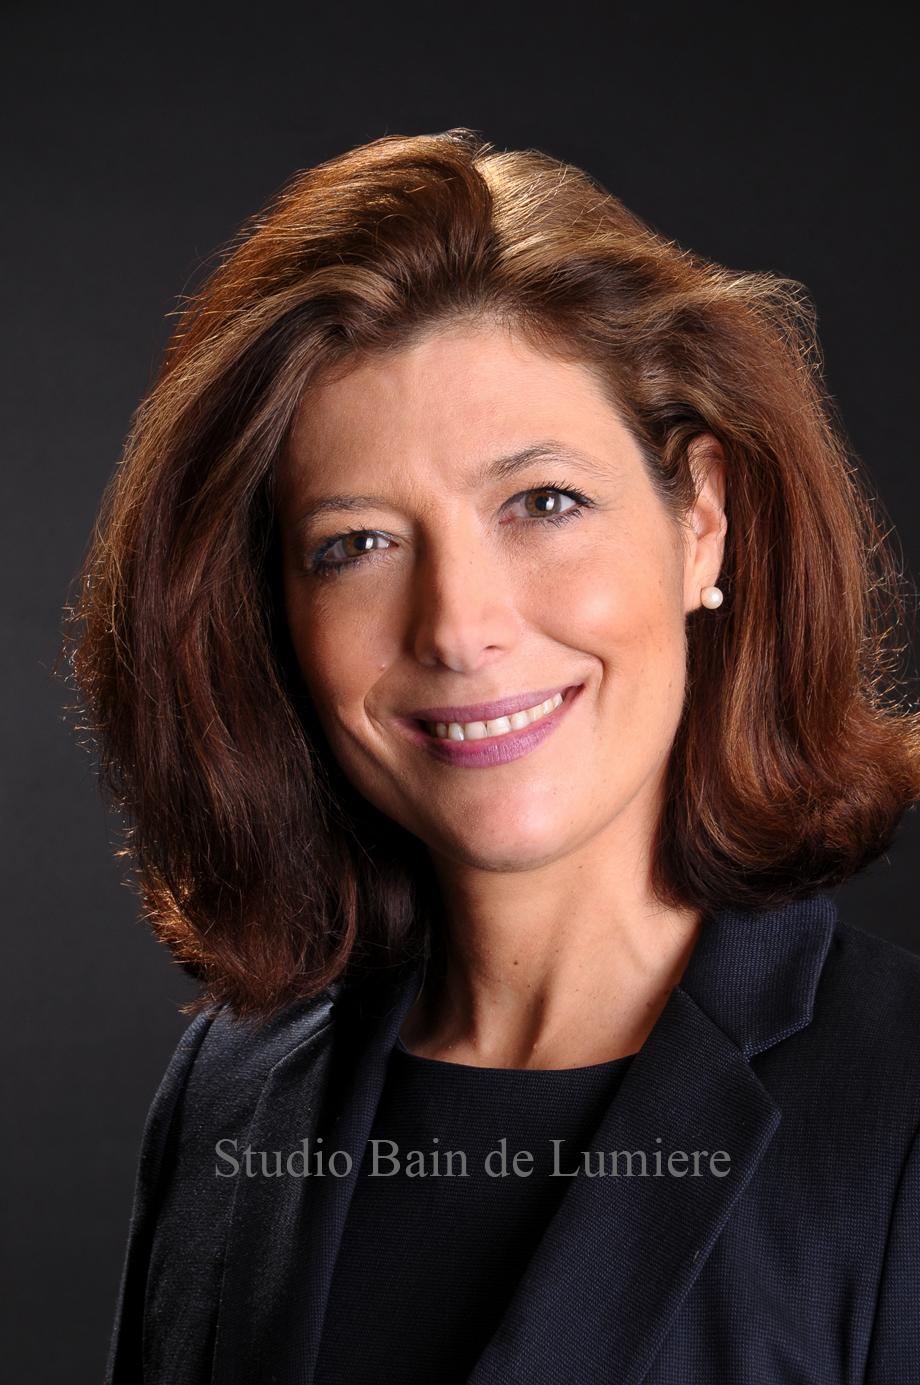 Photo de Profil, photo CV, portraits dirigeants, collaborateurs